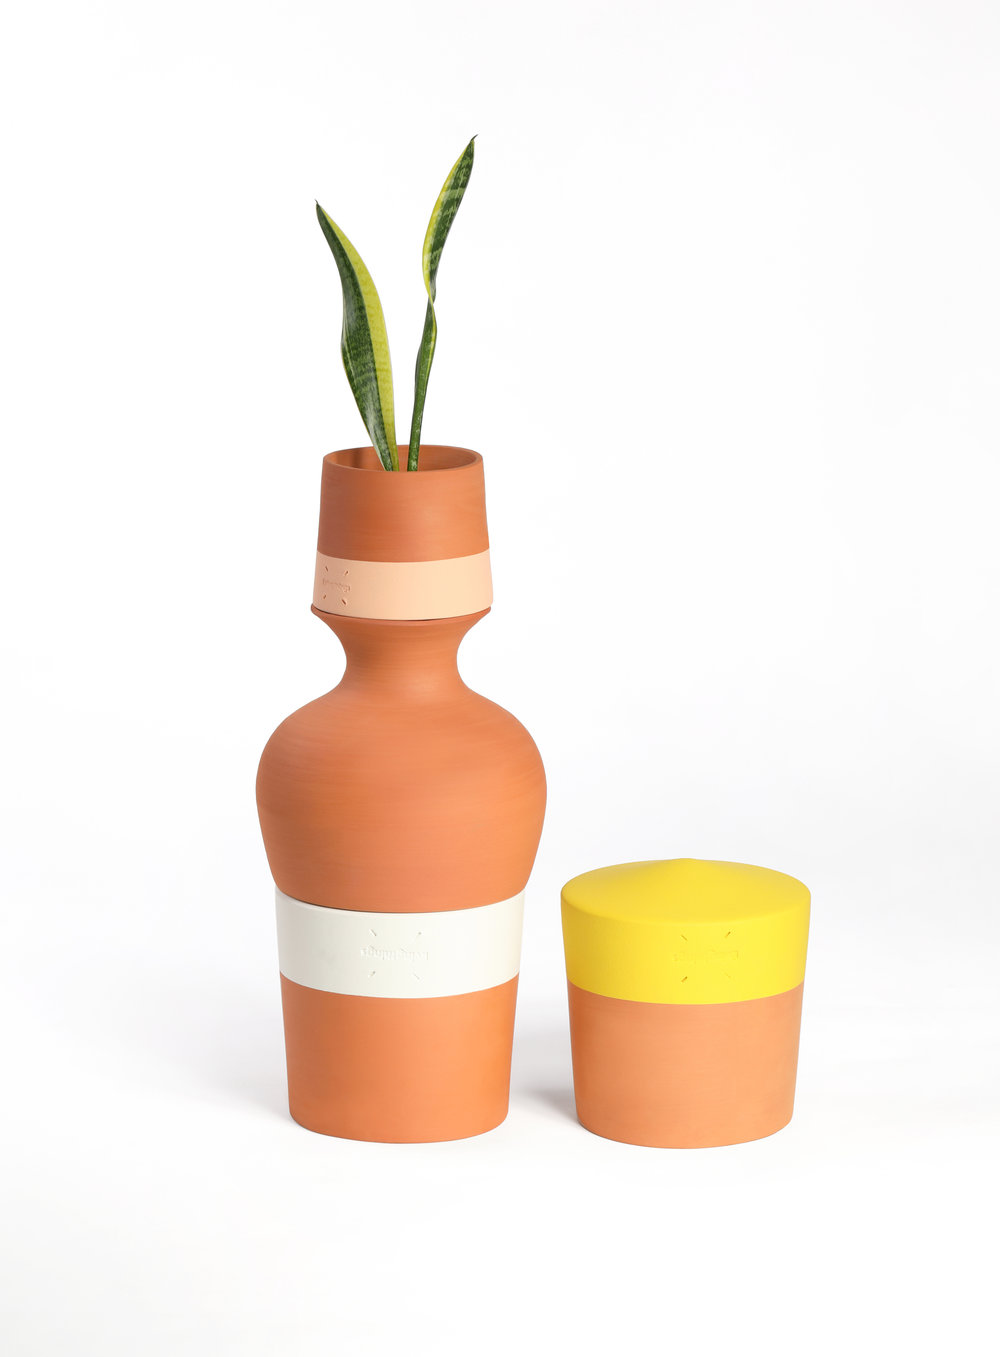 Voltasol Mini + Copa + Voltasol Medium (2)